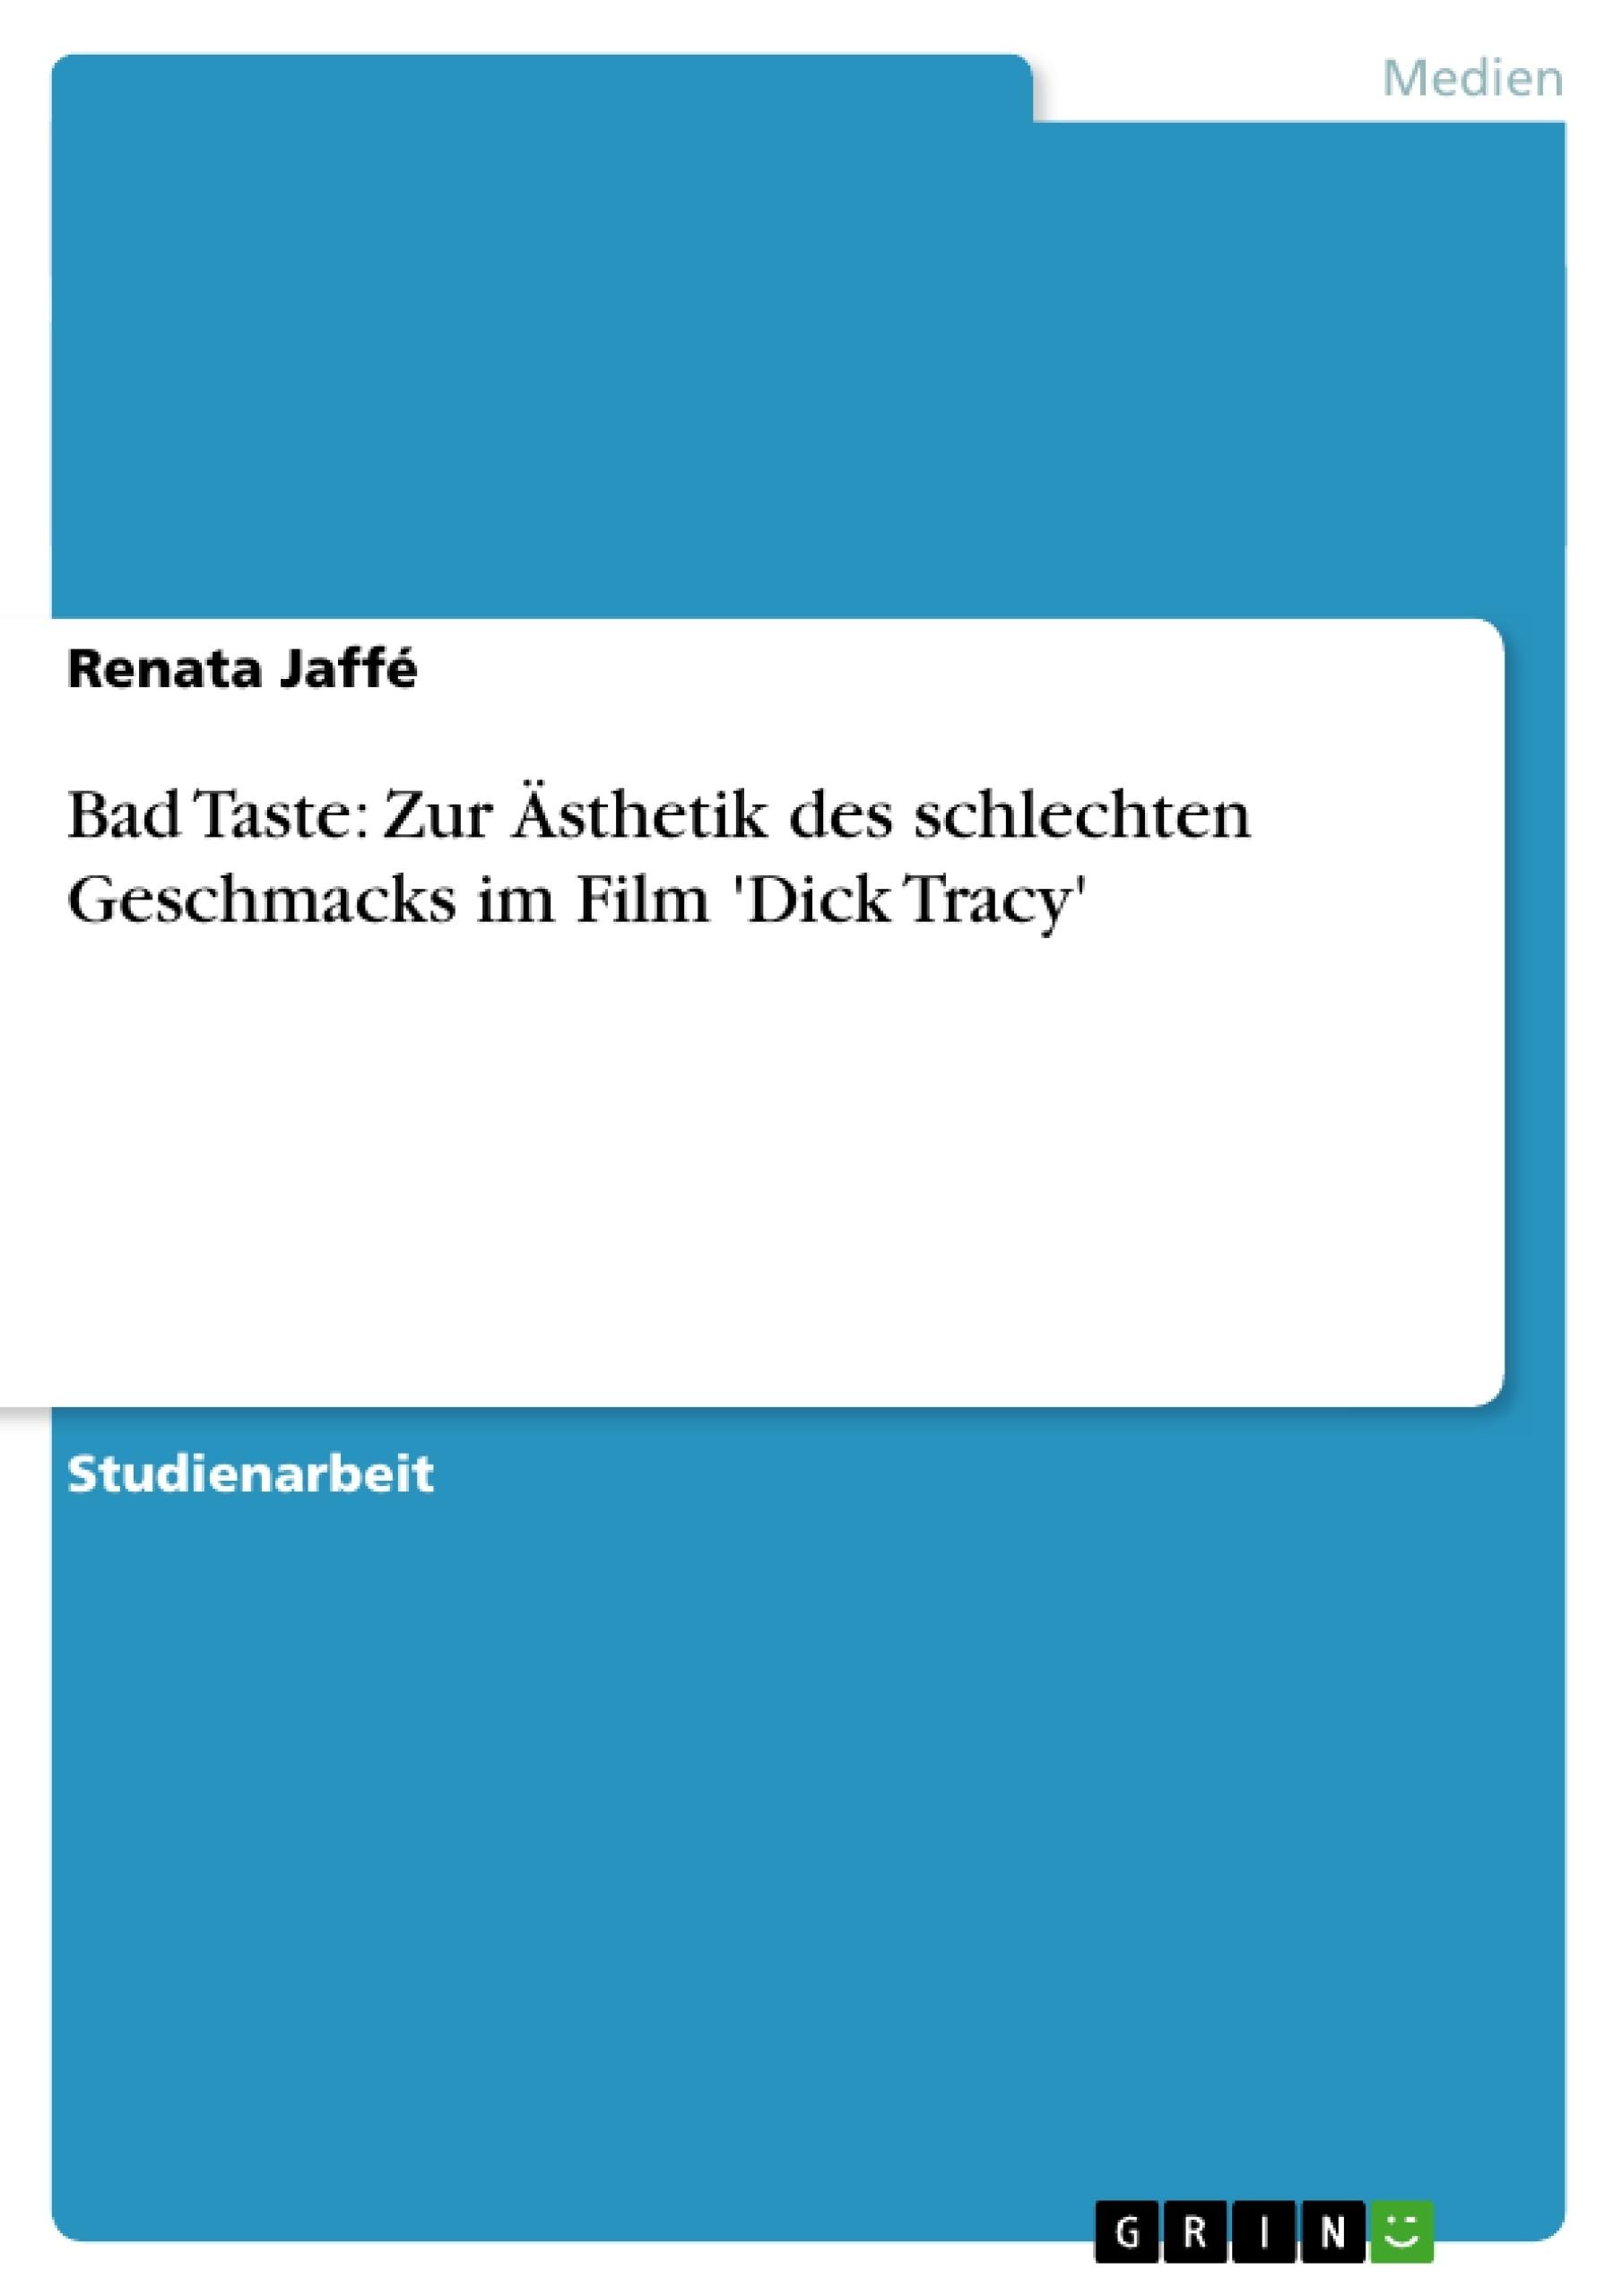 Titel: Bad Taste: Zur Ästhetik des schlechten Geschmacks im Film 'Dick Tracy'